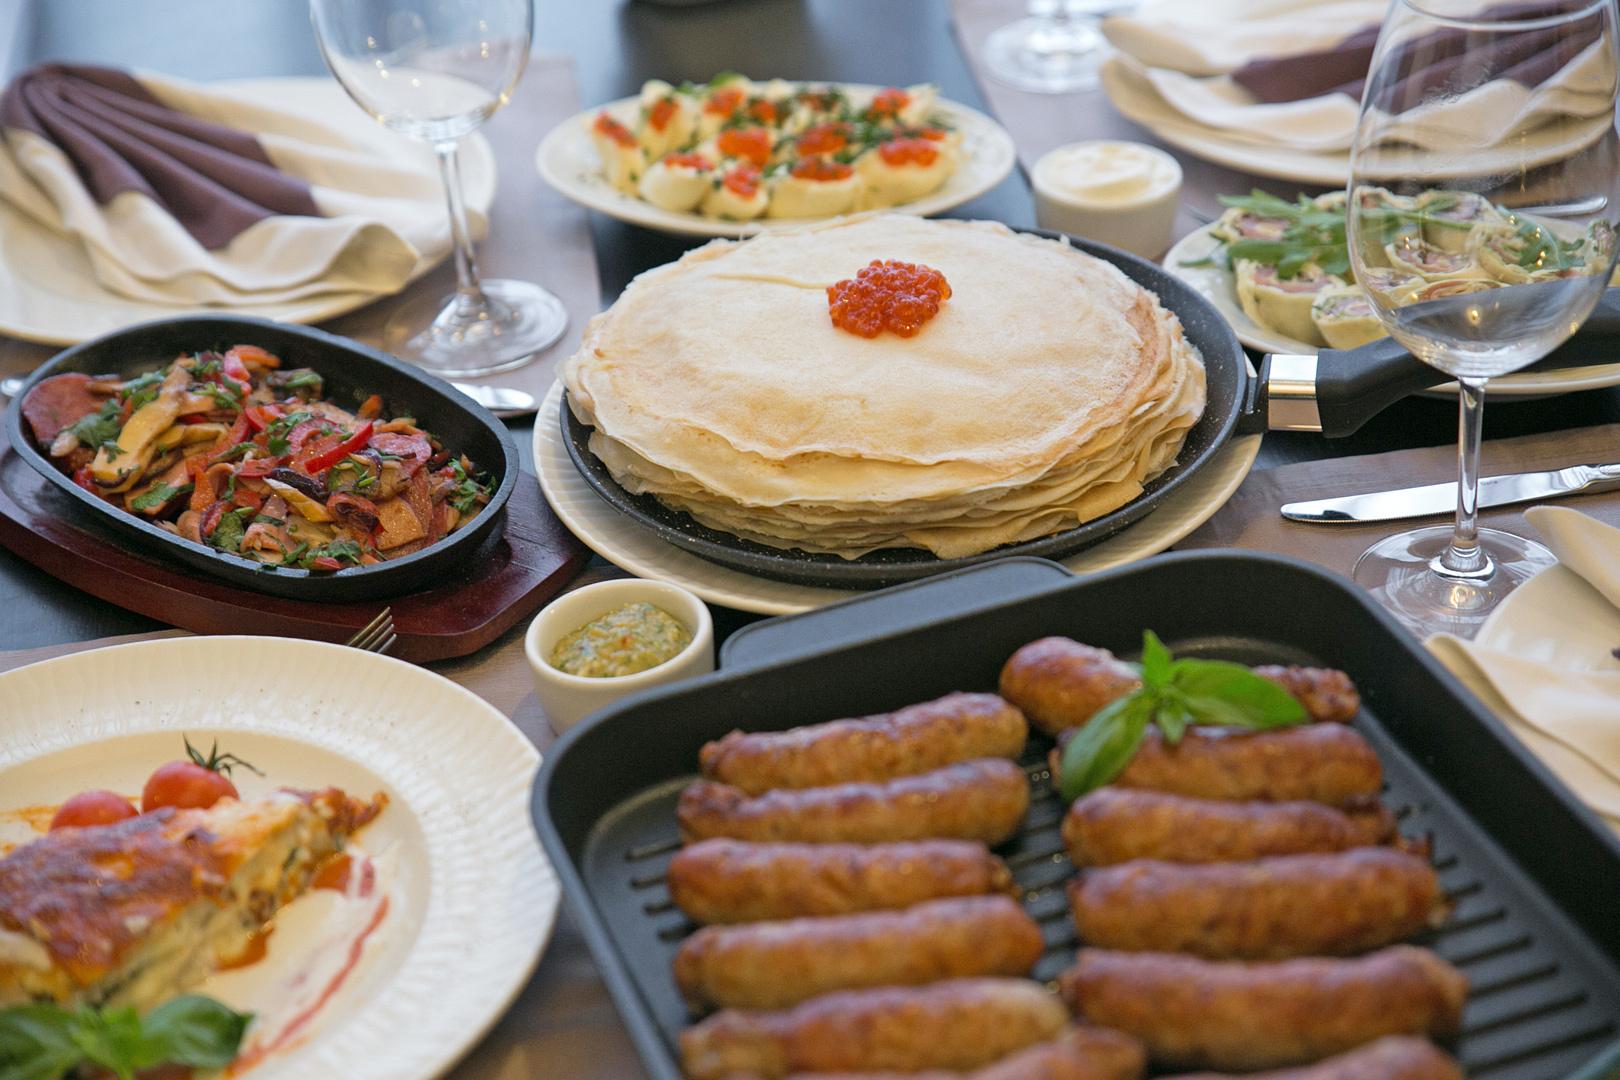 Антипригарные покрытия на водной основе от итальянской компании Whitford в сковородах «Виктория» не дают пригореть блюду без масла и жира.